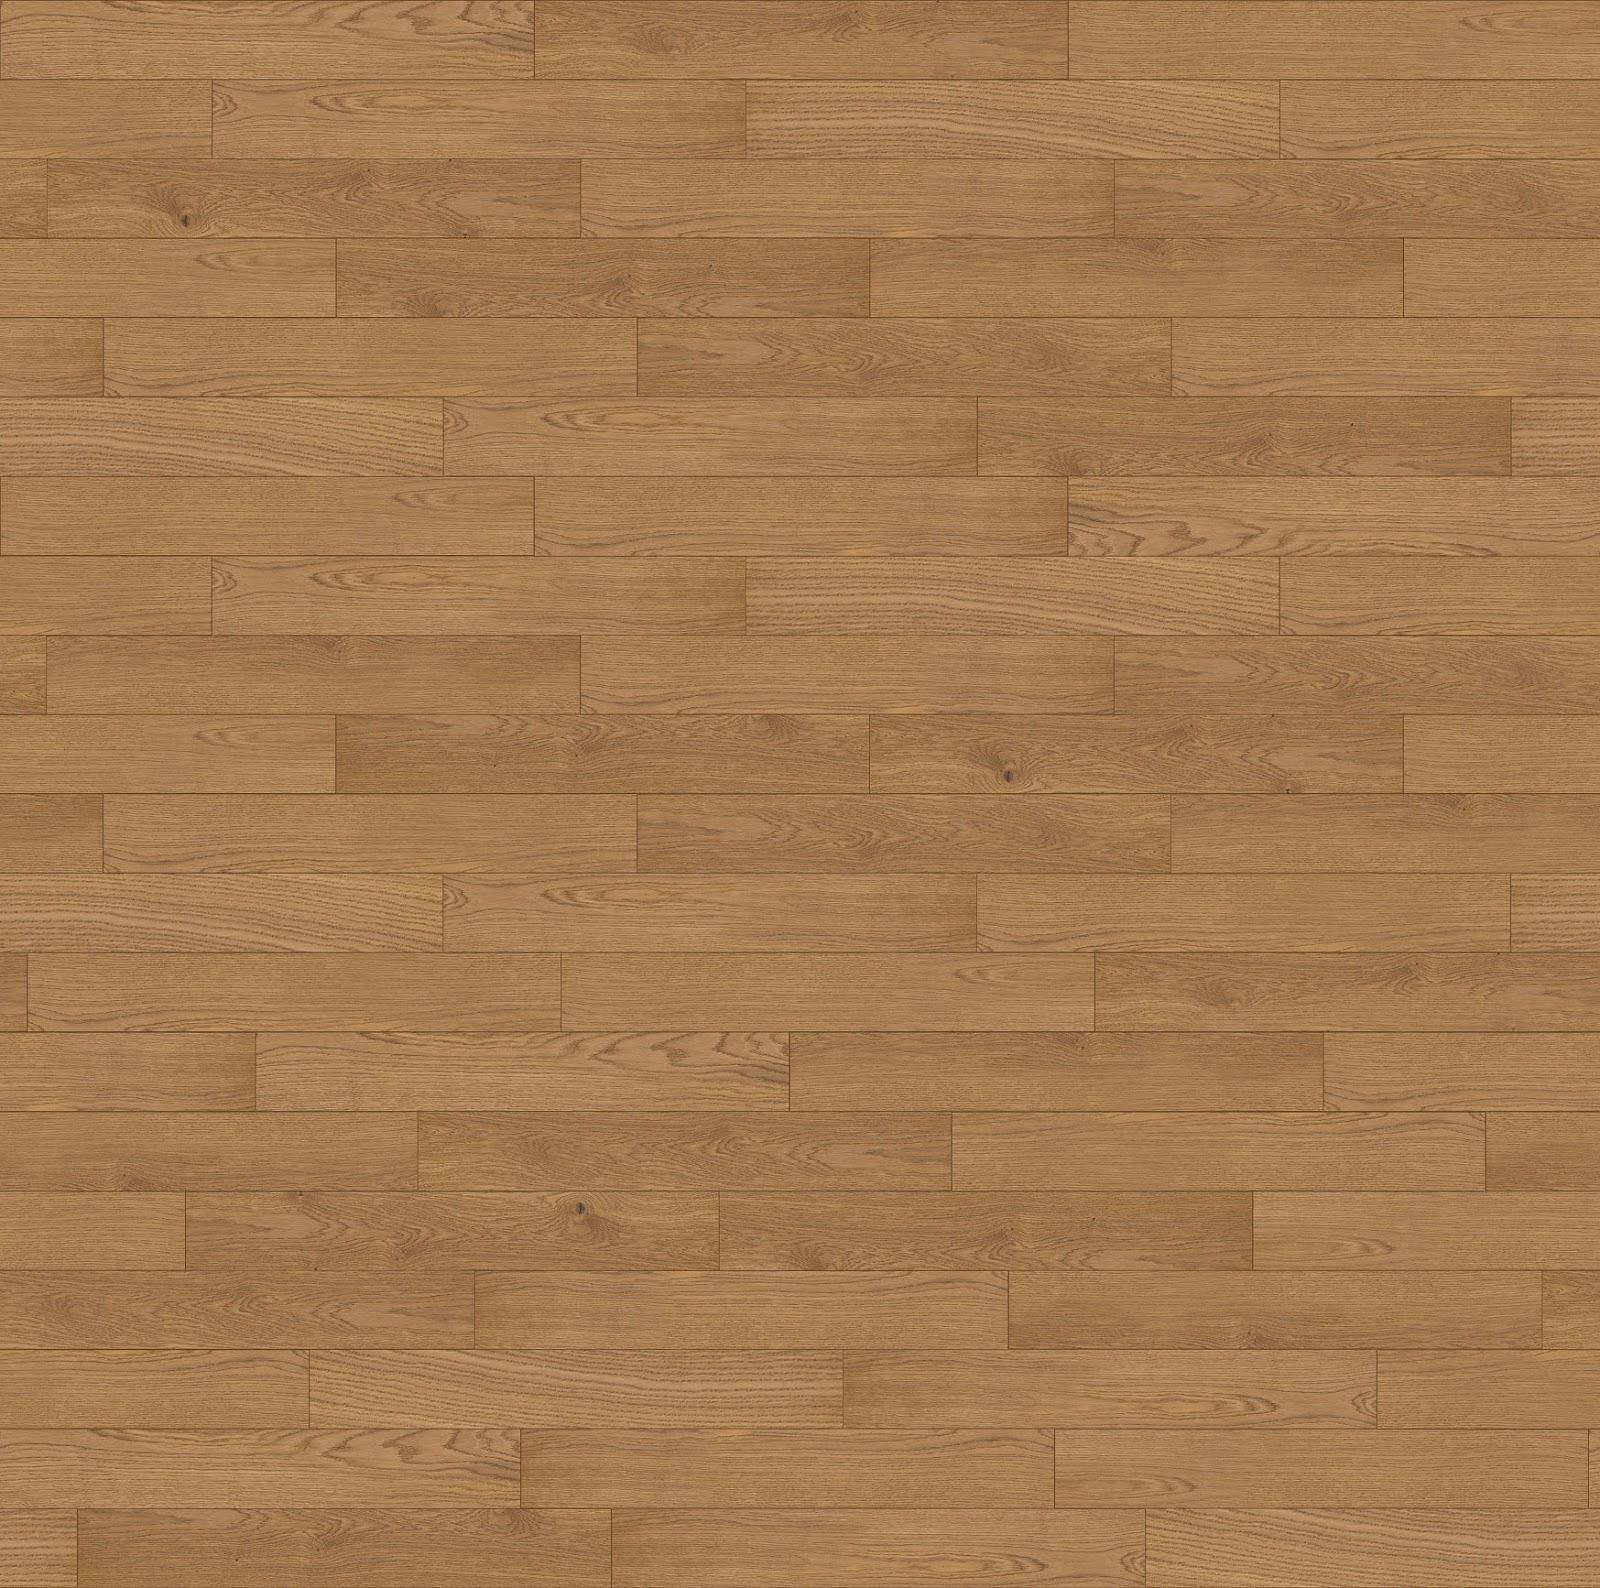 Simo texture seamless parquet rovere n 2 for Legno chiaro texture